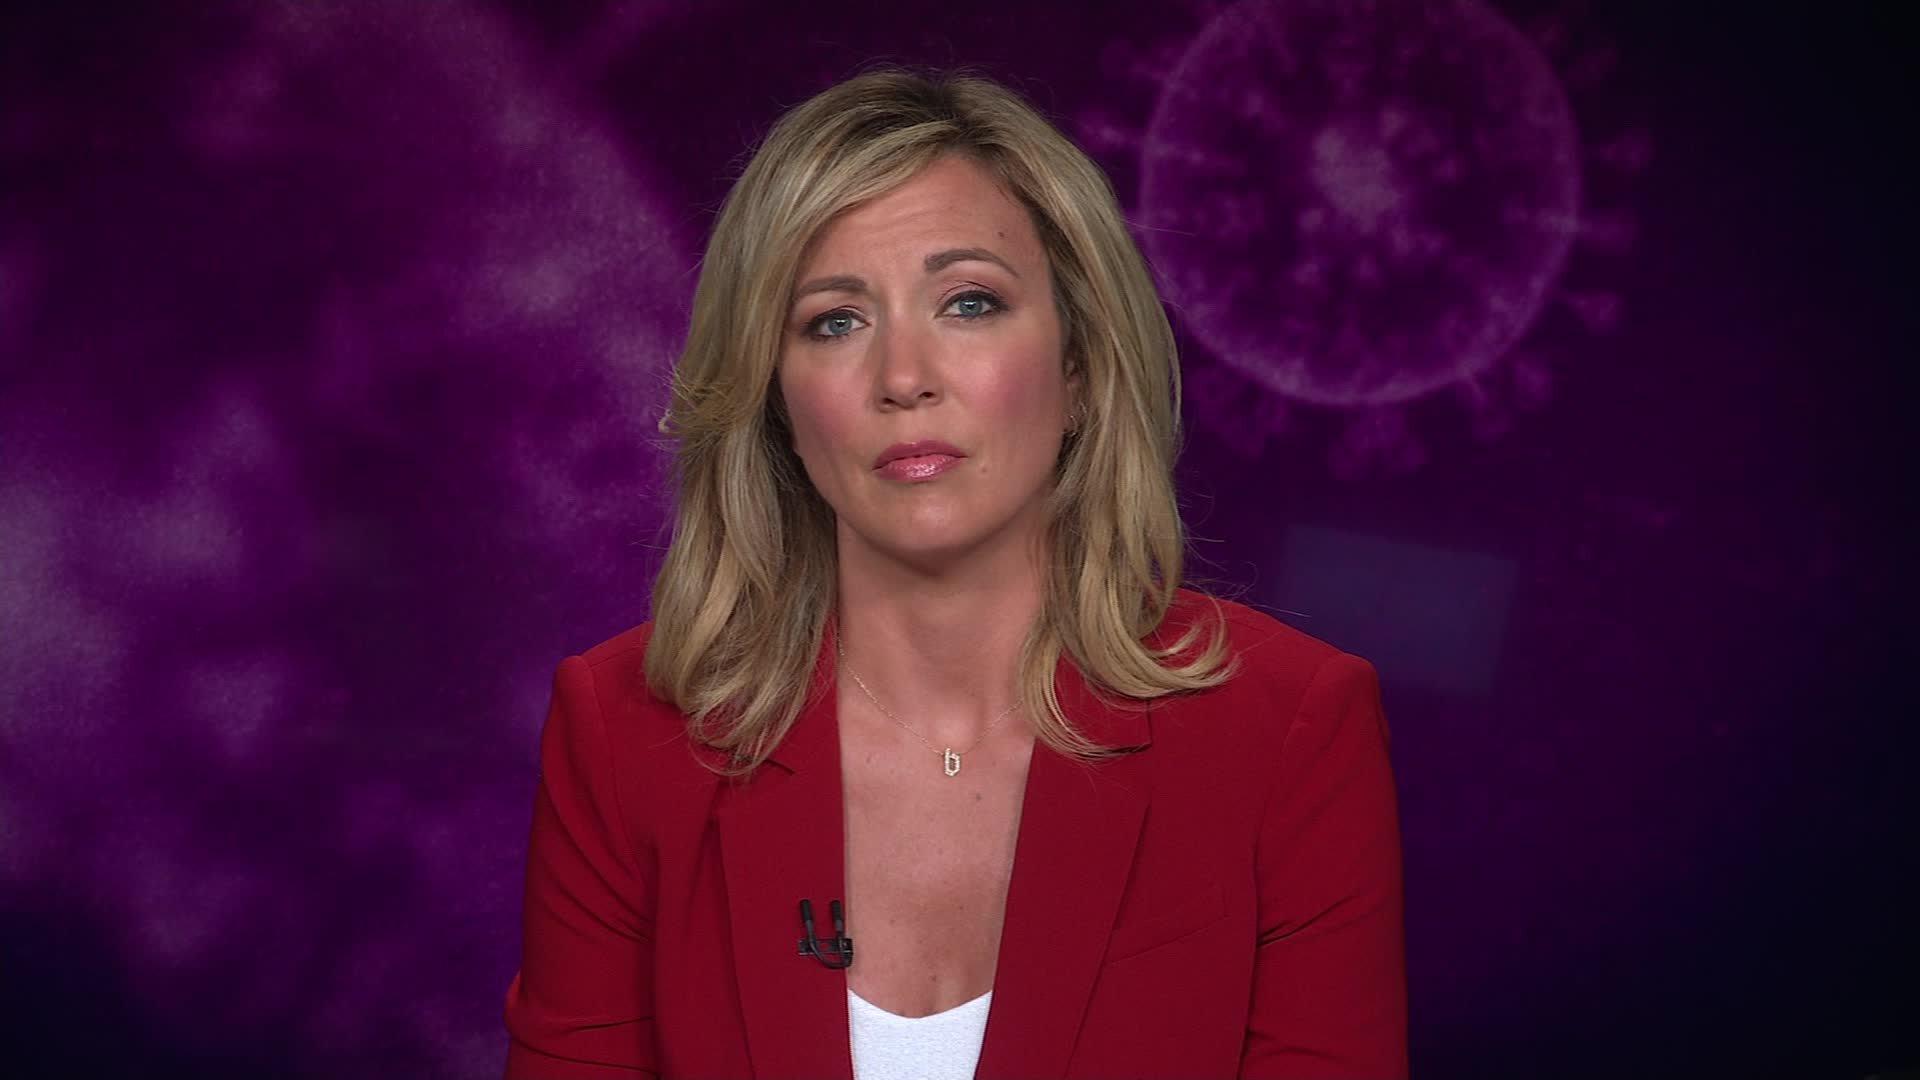 إصابة مذيعة CNN بروك بالدوين بفيروس كورونا